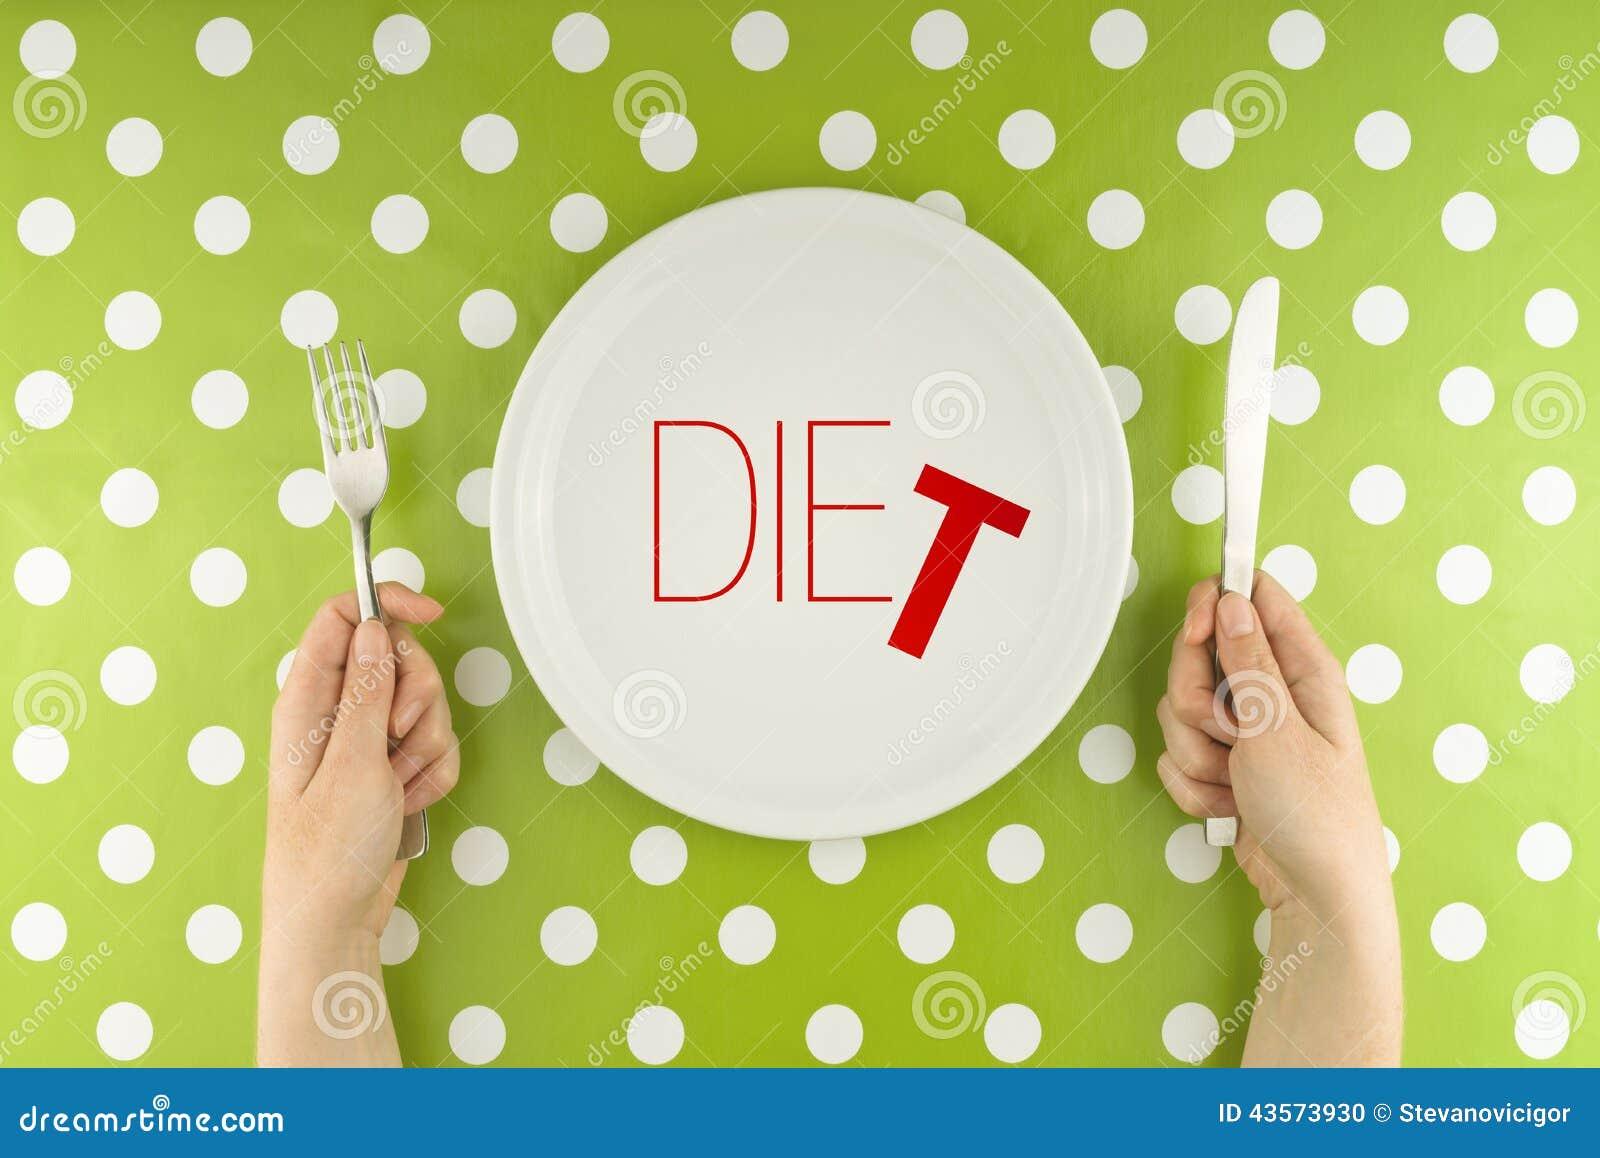 Posate della tenuta delle mani sopra il piatto stante a dieta